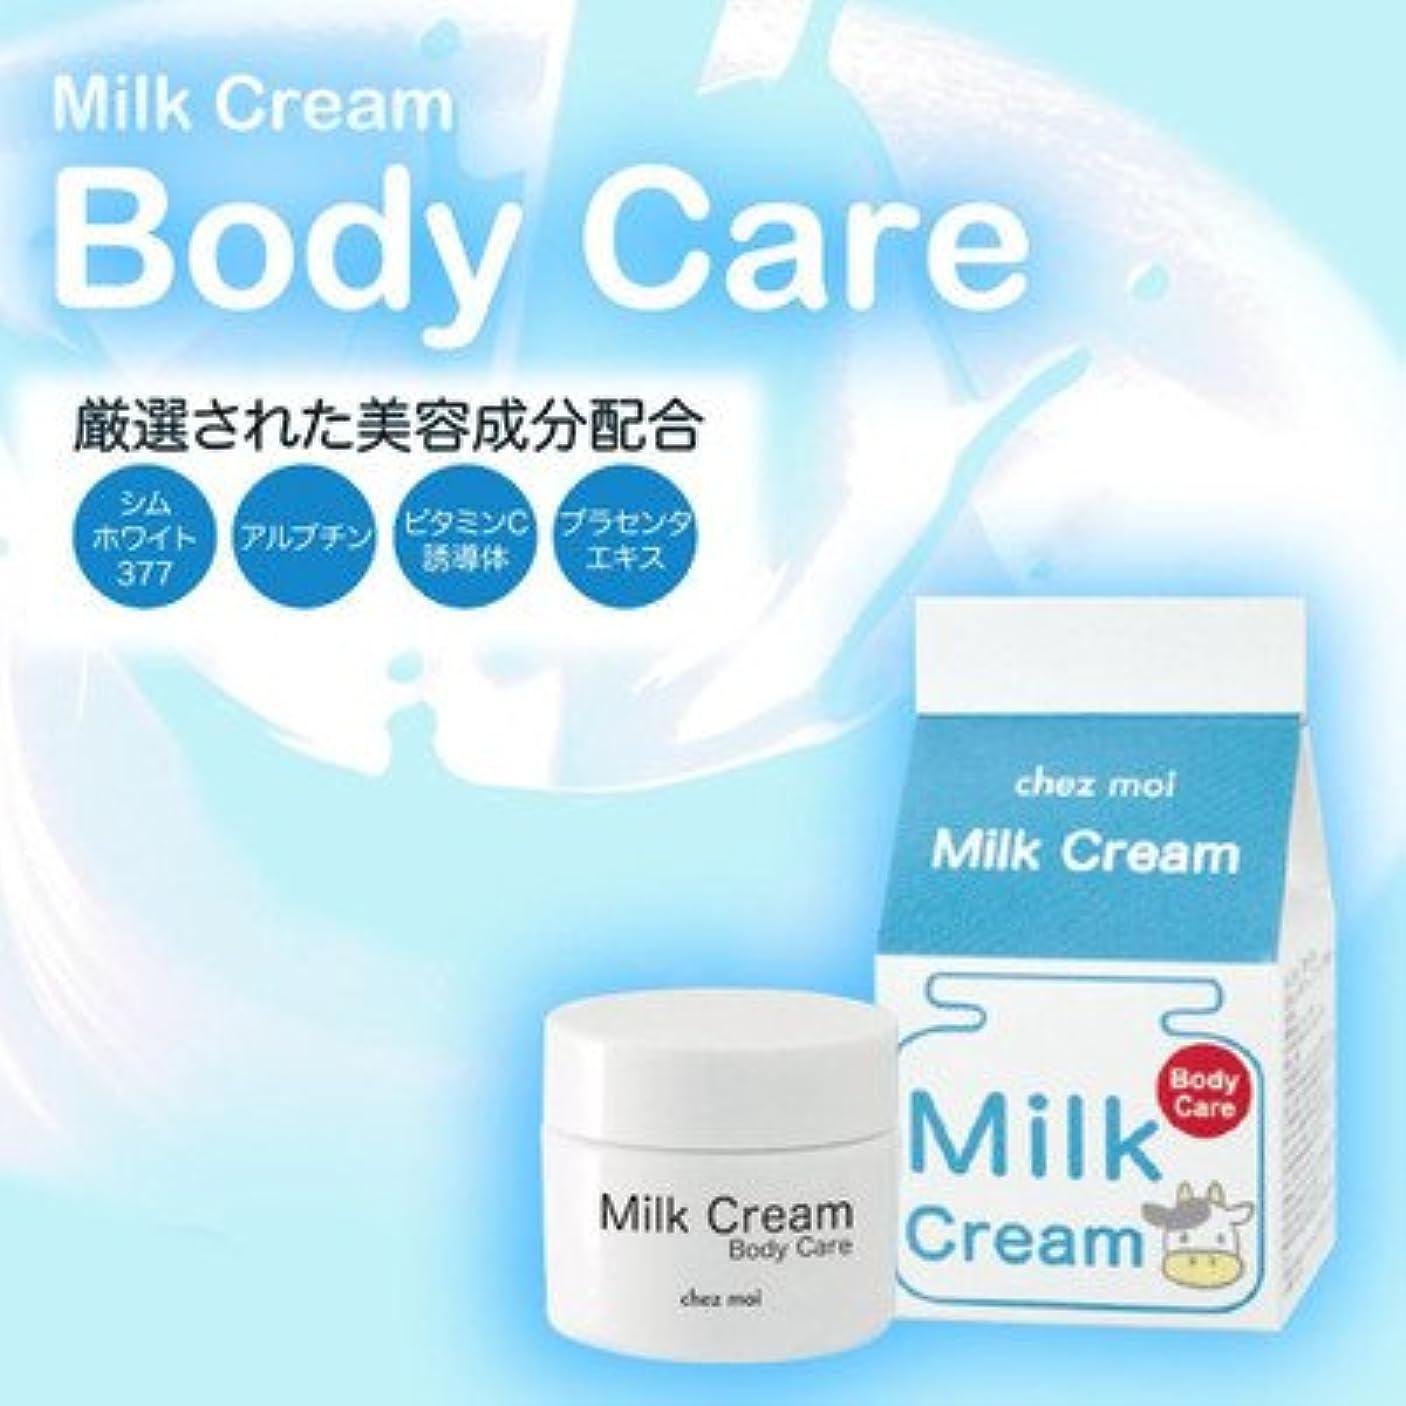 問い合わせる平日現代の乾燥によるヒザやヒジのくすみが気になる方に Milk Cream ミルククリーム Body Care ボディケア 30g